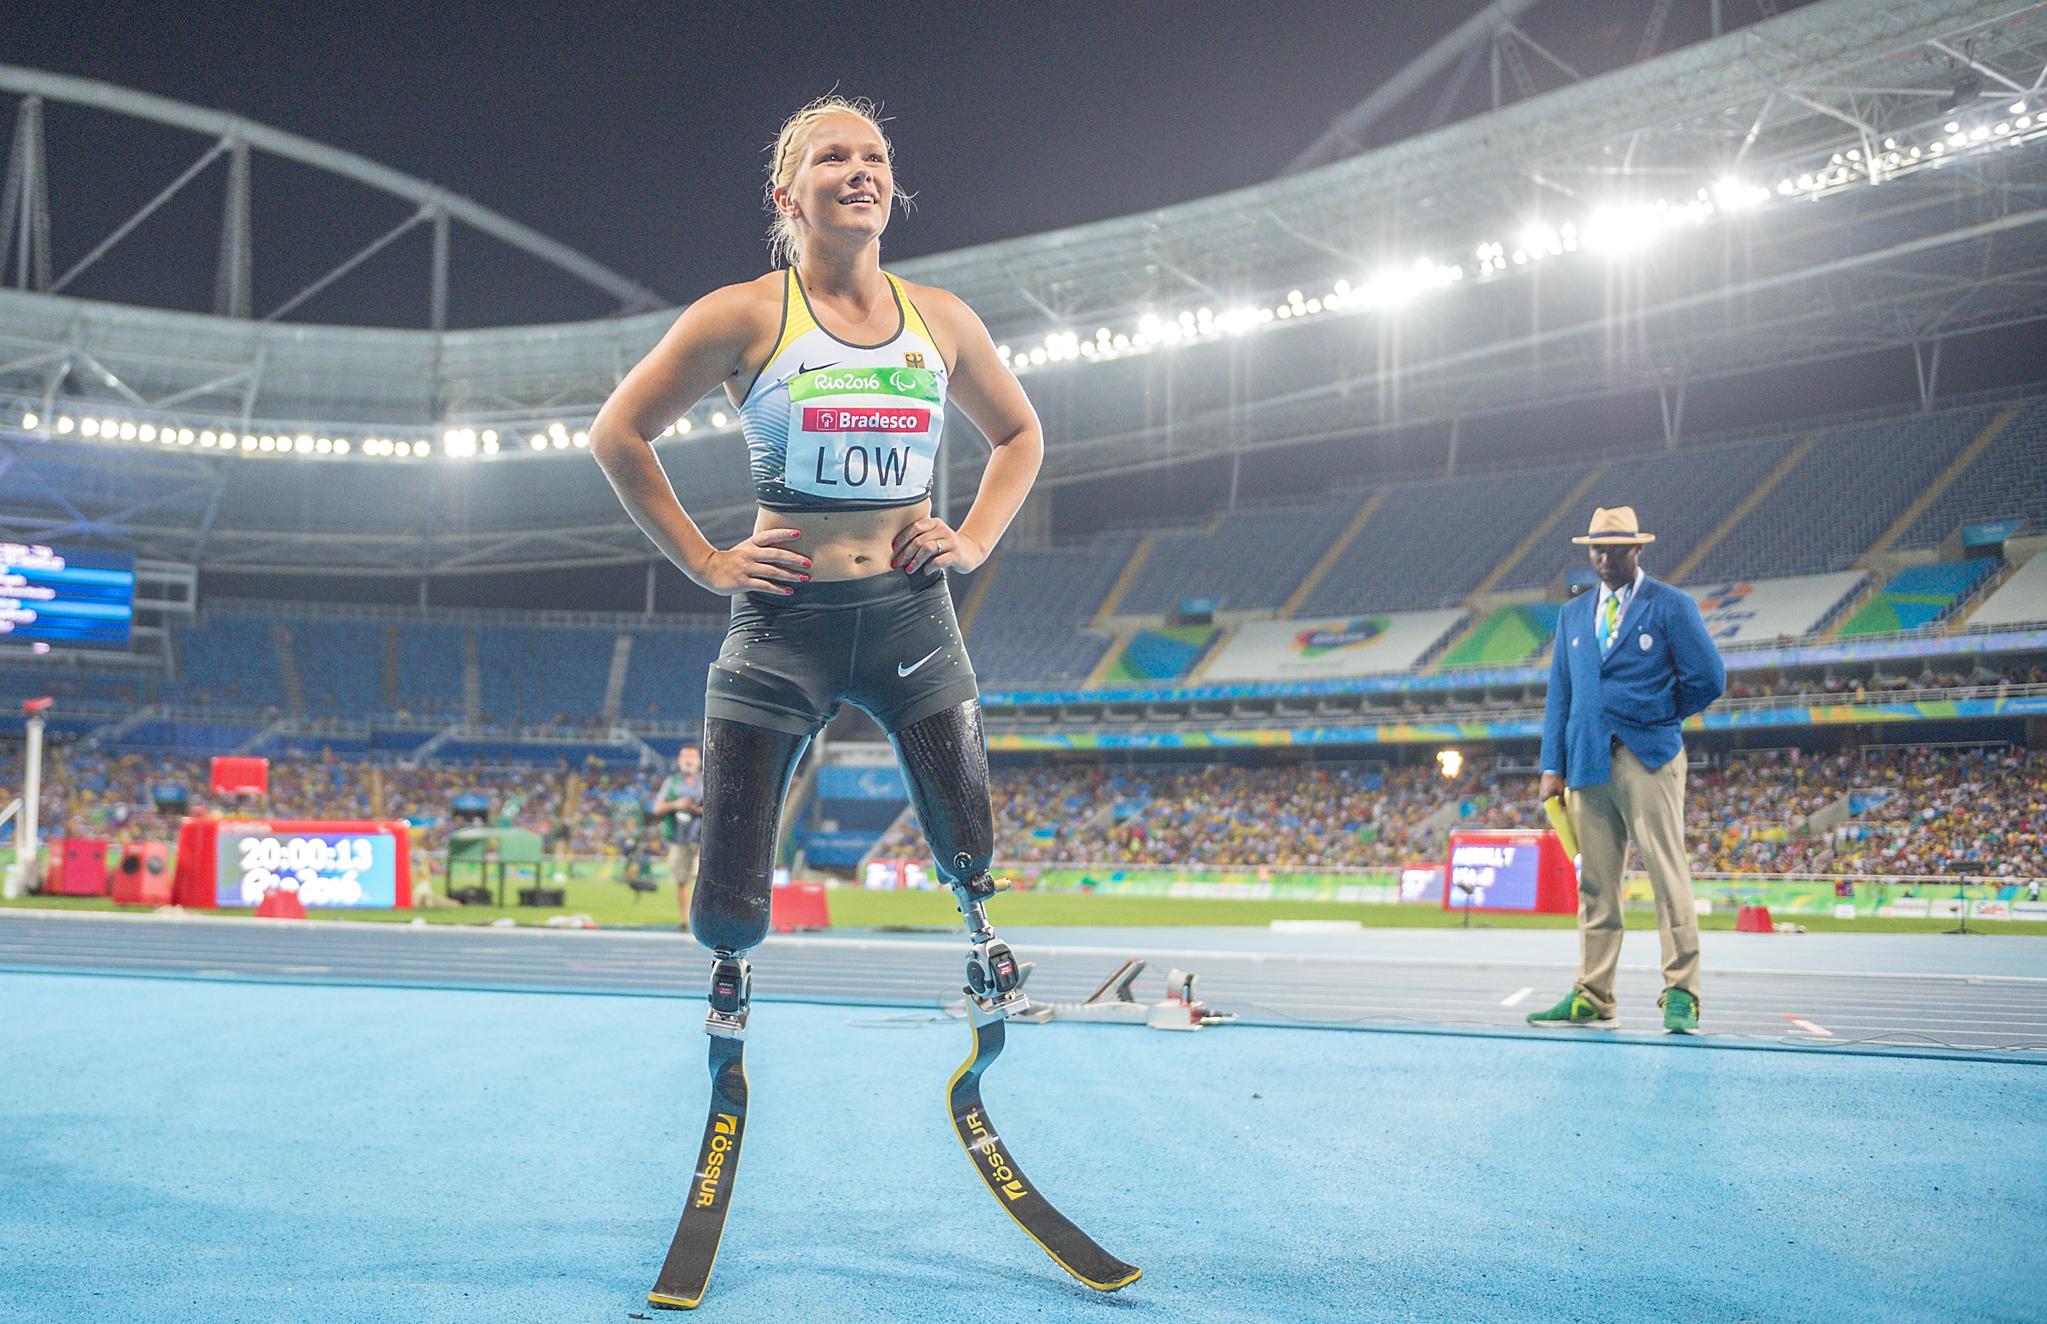 Leichtathletik – tolle Sportfotografie möglich …